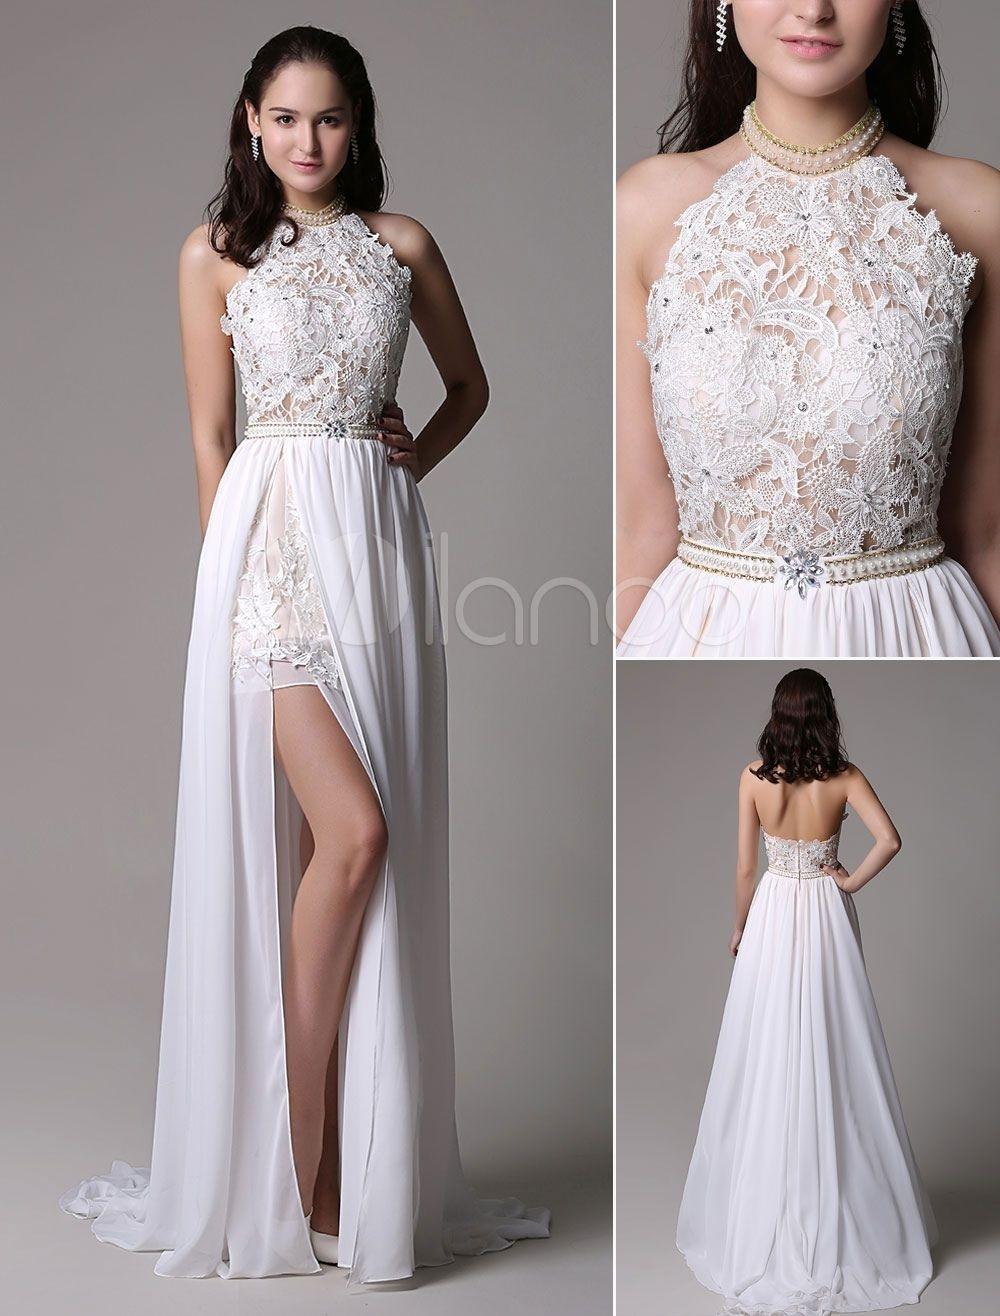 Wunderbar Weißes Kleid Elegant Design13 Schön Weißes Kleid Elegant Spezialgebiet